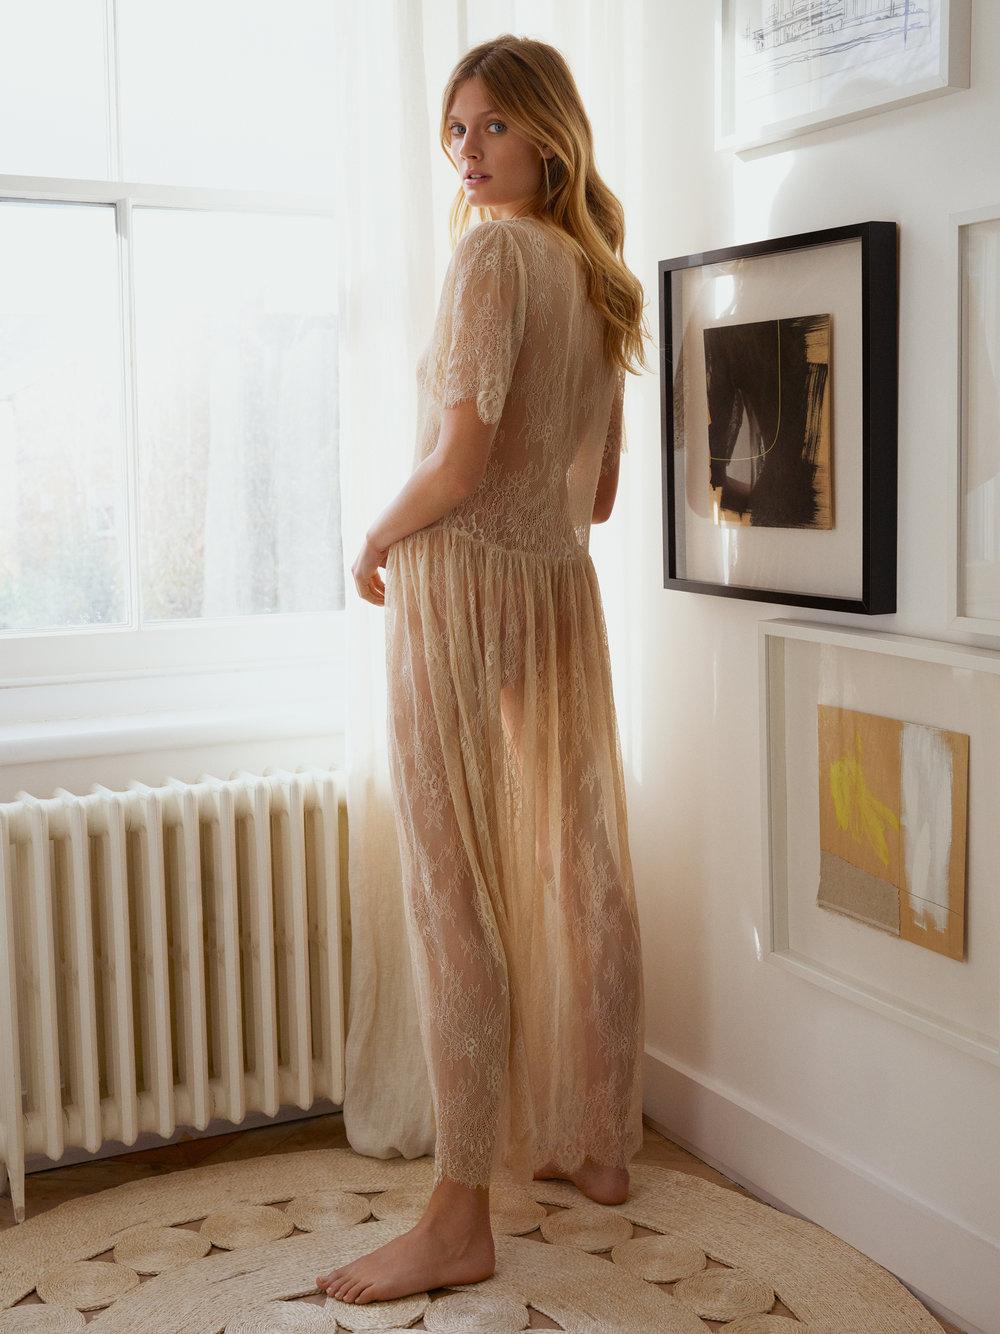 Zara Home Lingerie SS17 (8).jpg